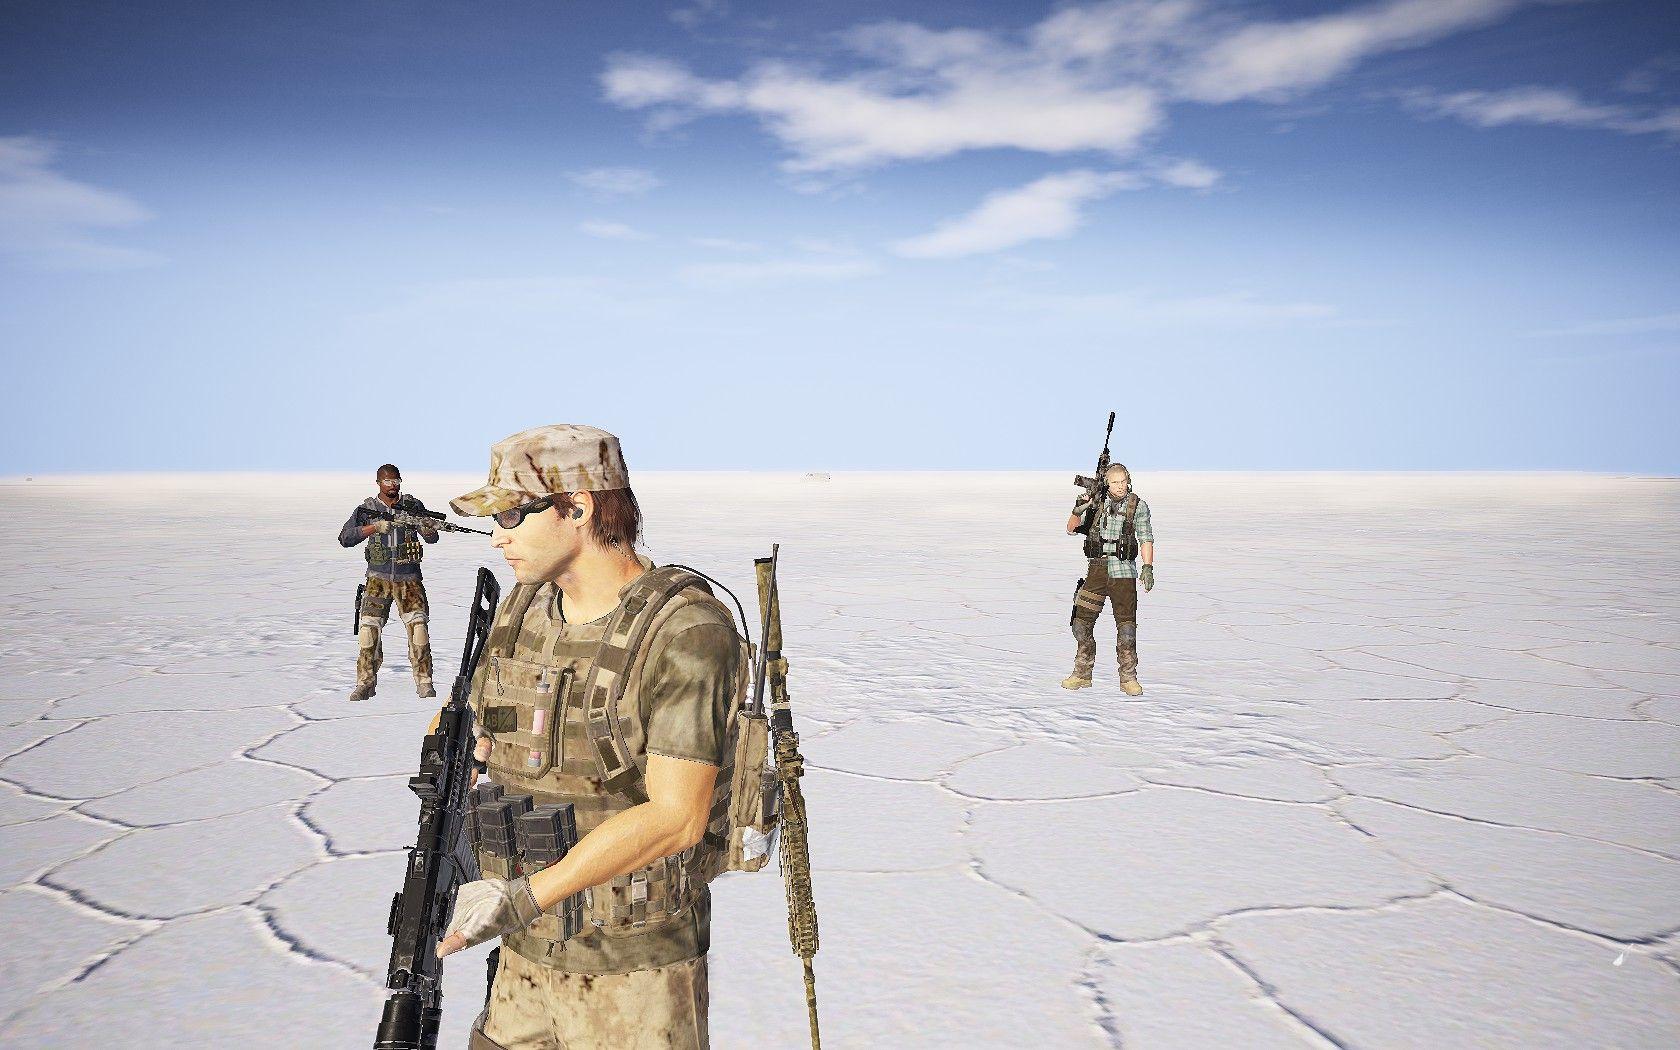 The Salt Flats of Ghost Recon Wildlands.